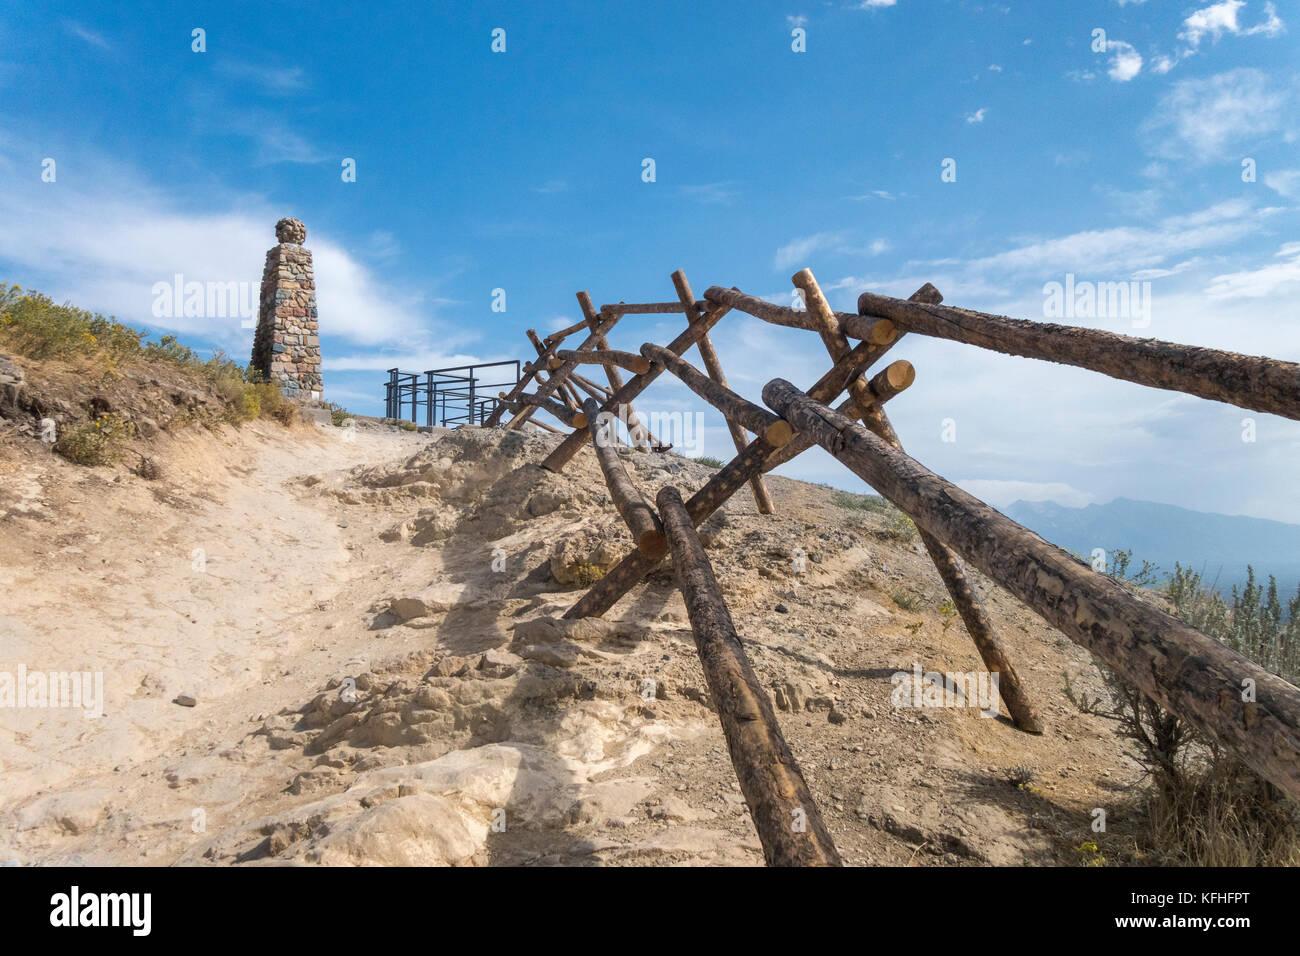 Ensign Peak Nature Park. Sendero que conduce hasta el histórico monumento insignia con vistas a Salt Lake City. Foto de stock